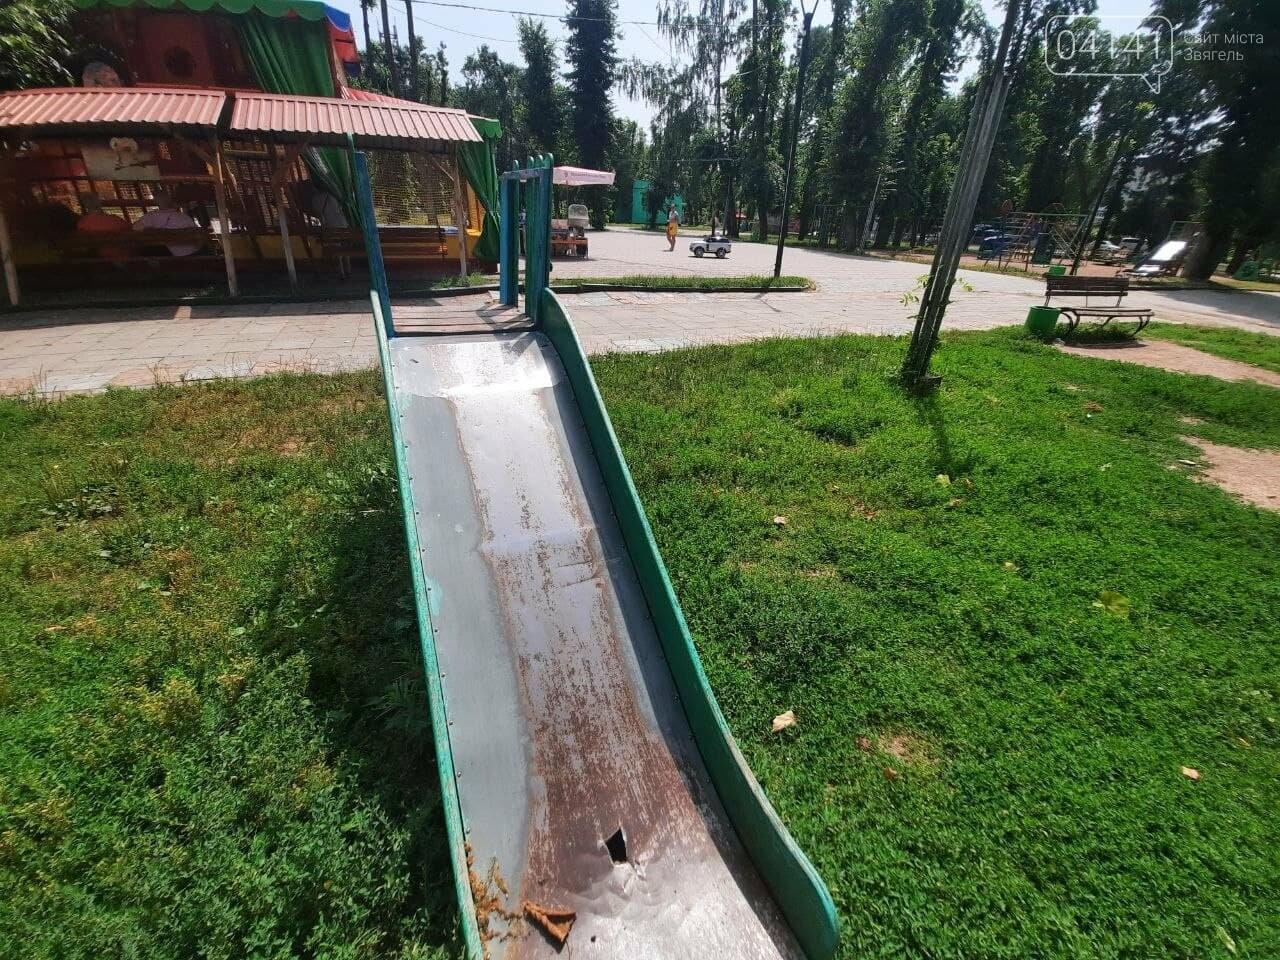 Краще навіть у Чорнобилі: Парк культури та відпочинку в Новограді-Волинському (ФОТО), фото-4